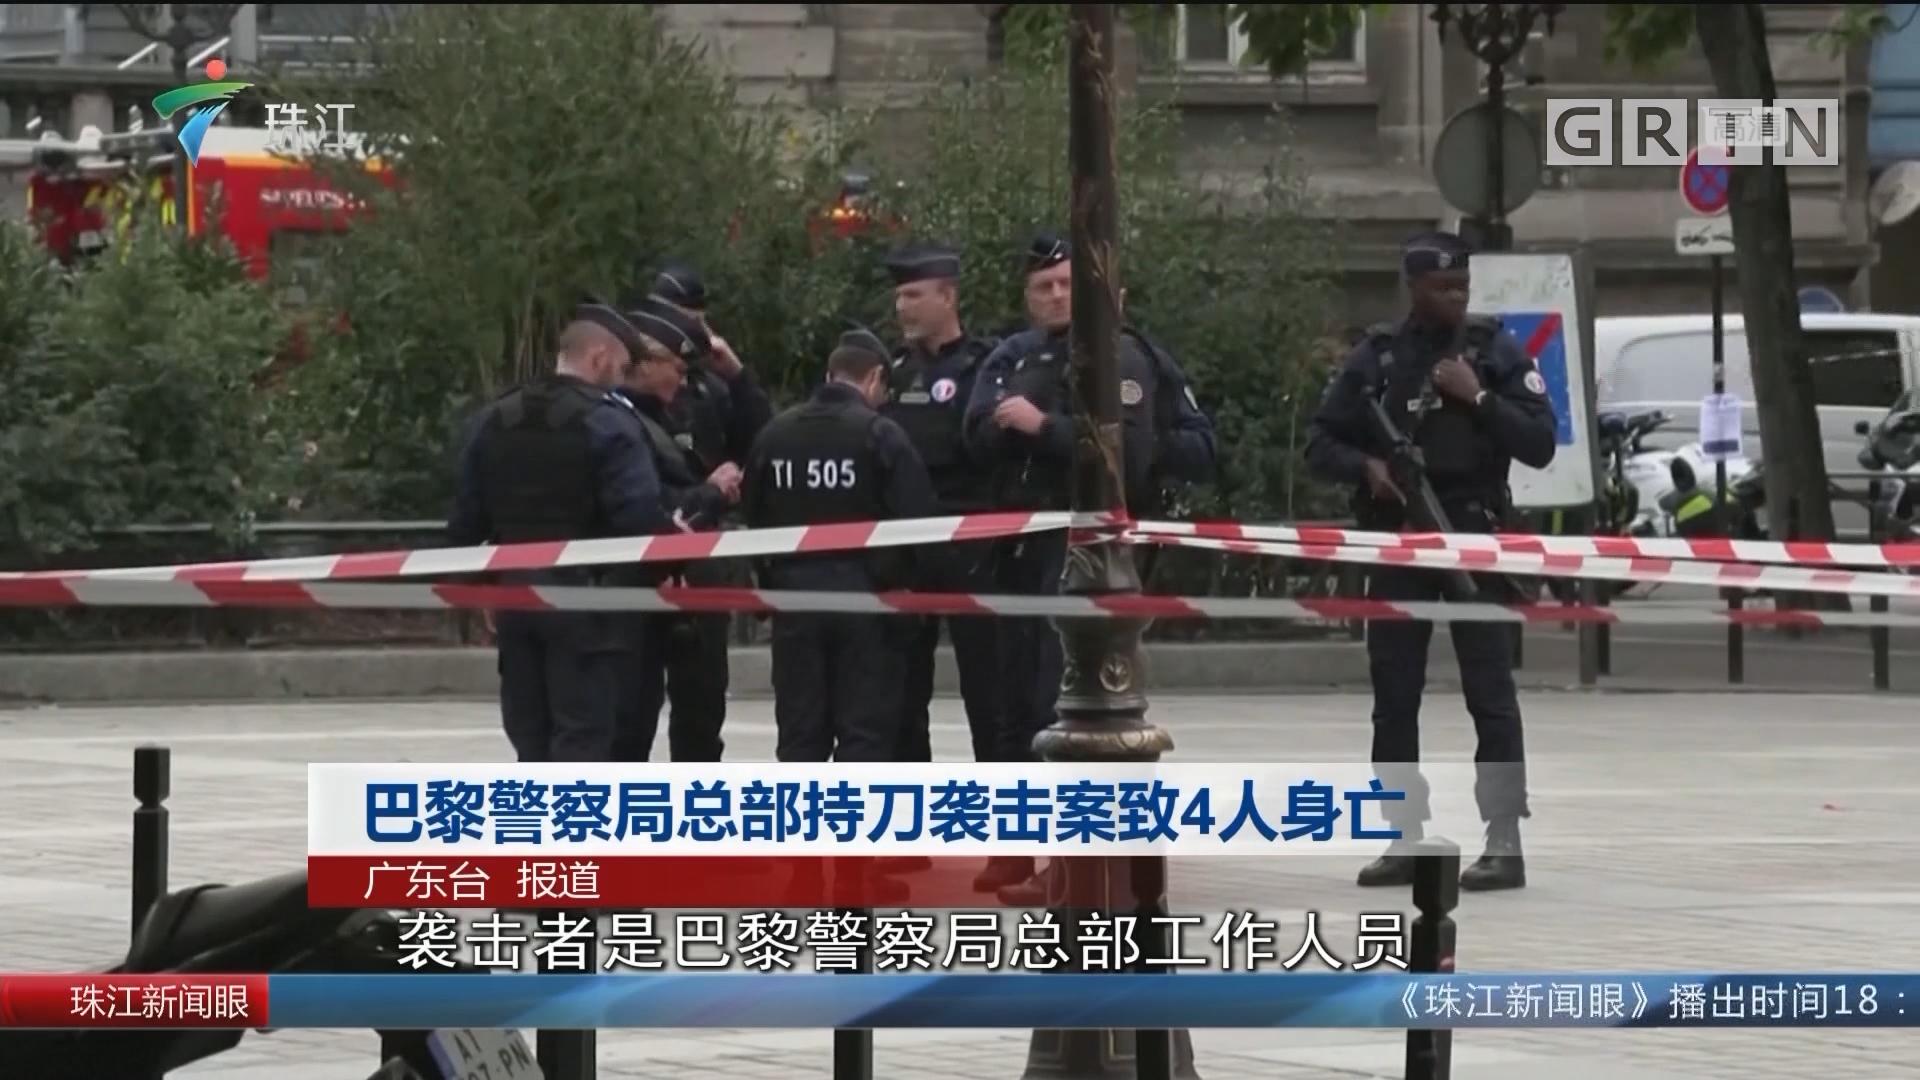 巴黎警察局總部持刀襲擊案致4人身亡